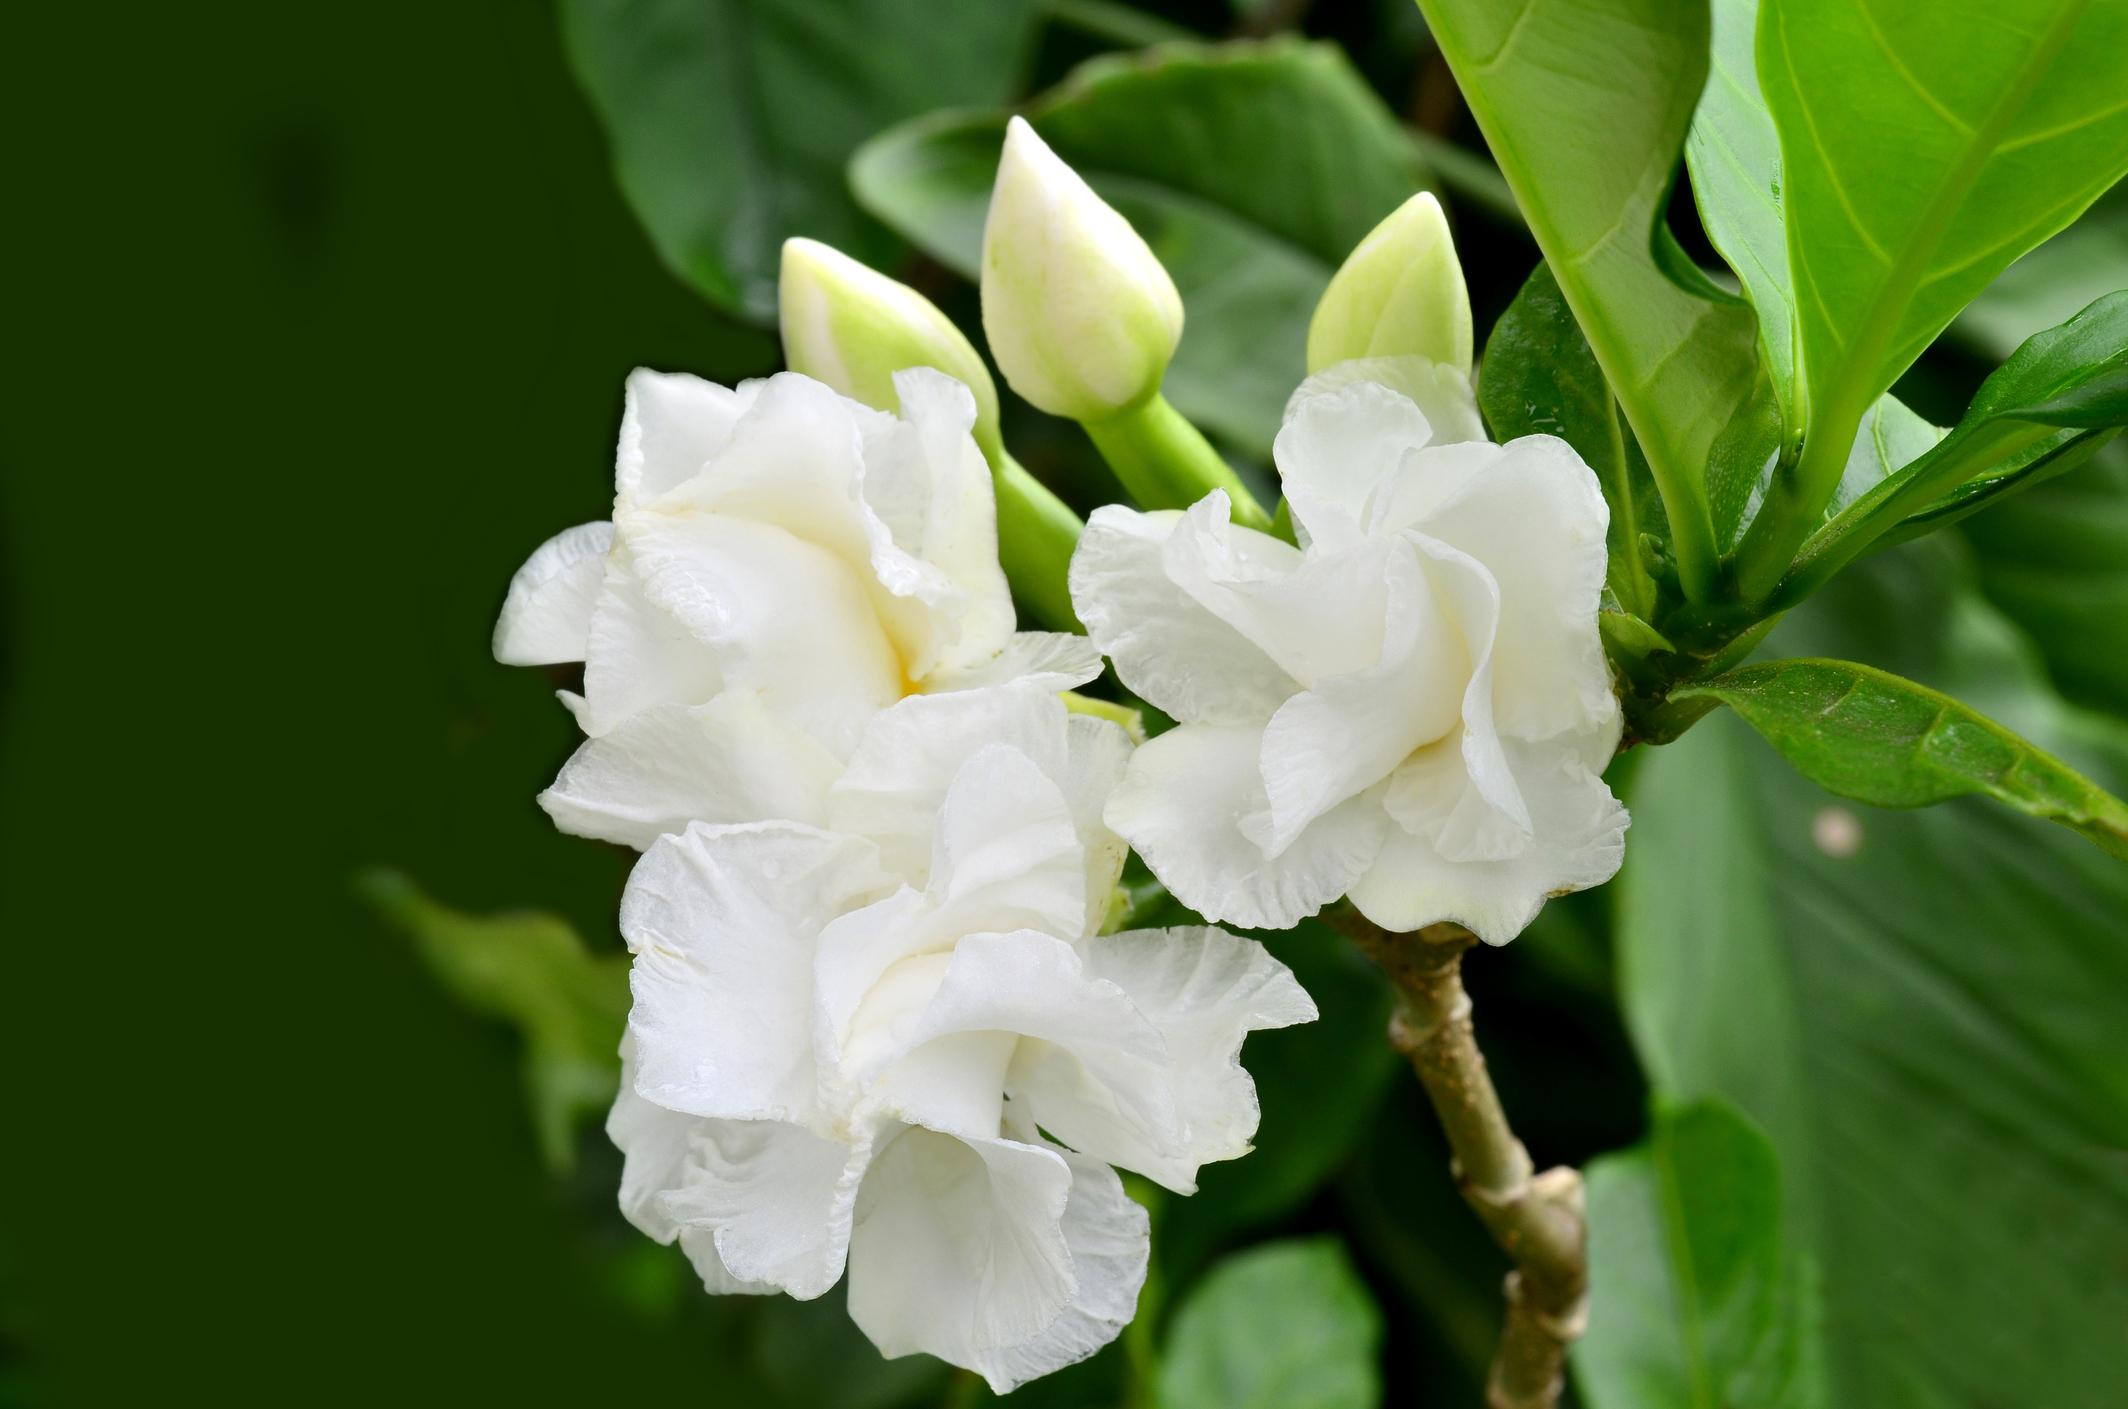 Гардения: Най-често като стайно растение се отглежда жасминовата гардения (G. jasminoides). Гардениите имат бели цветове и красив аромат-и те също могат да имат забележително седативен ефект върху тези, които се вдишват аромата им. В проучване от 2010 г., проведено от учени в университет в Дюселдорф показва, че гарденията оказва благоприятно, успокоително влияние върху тялото и мозъка.